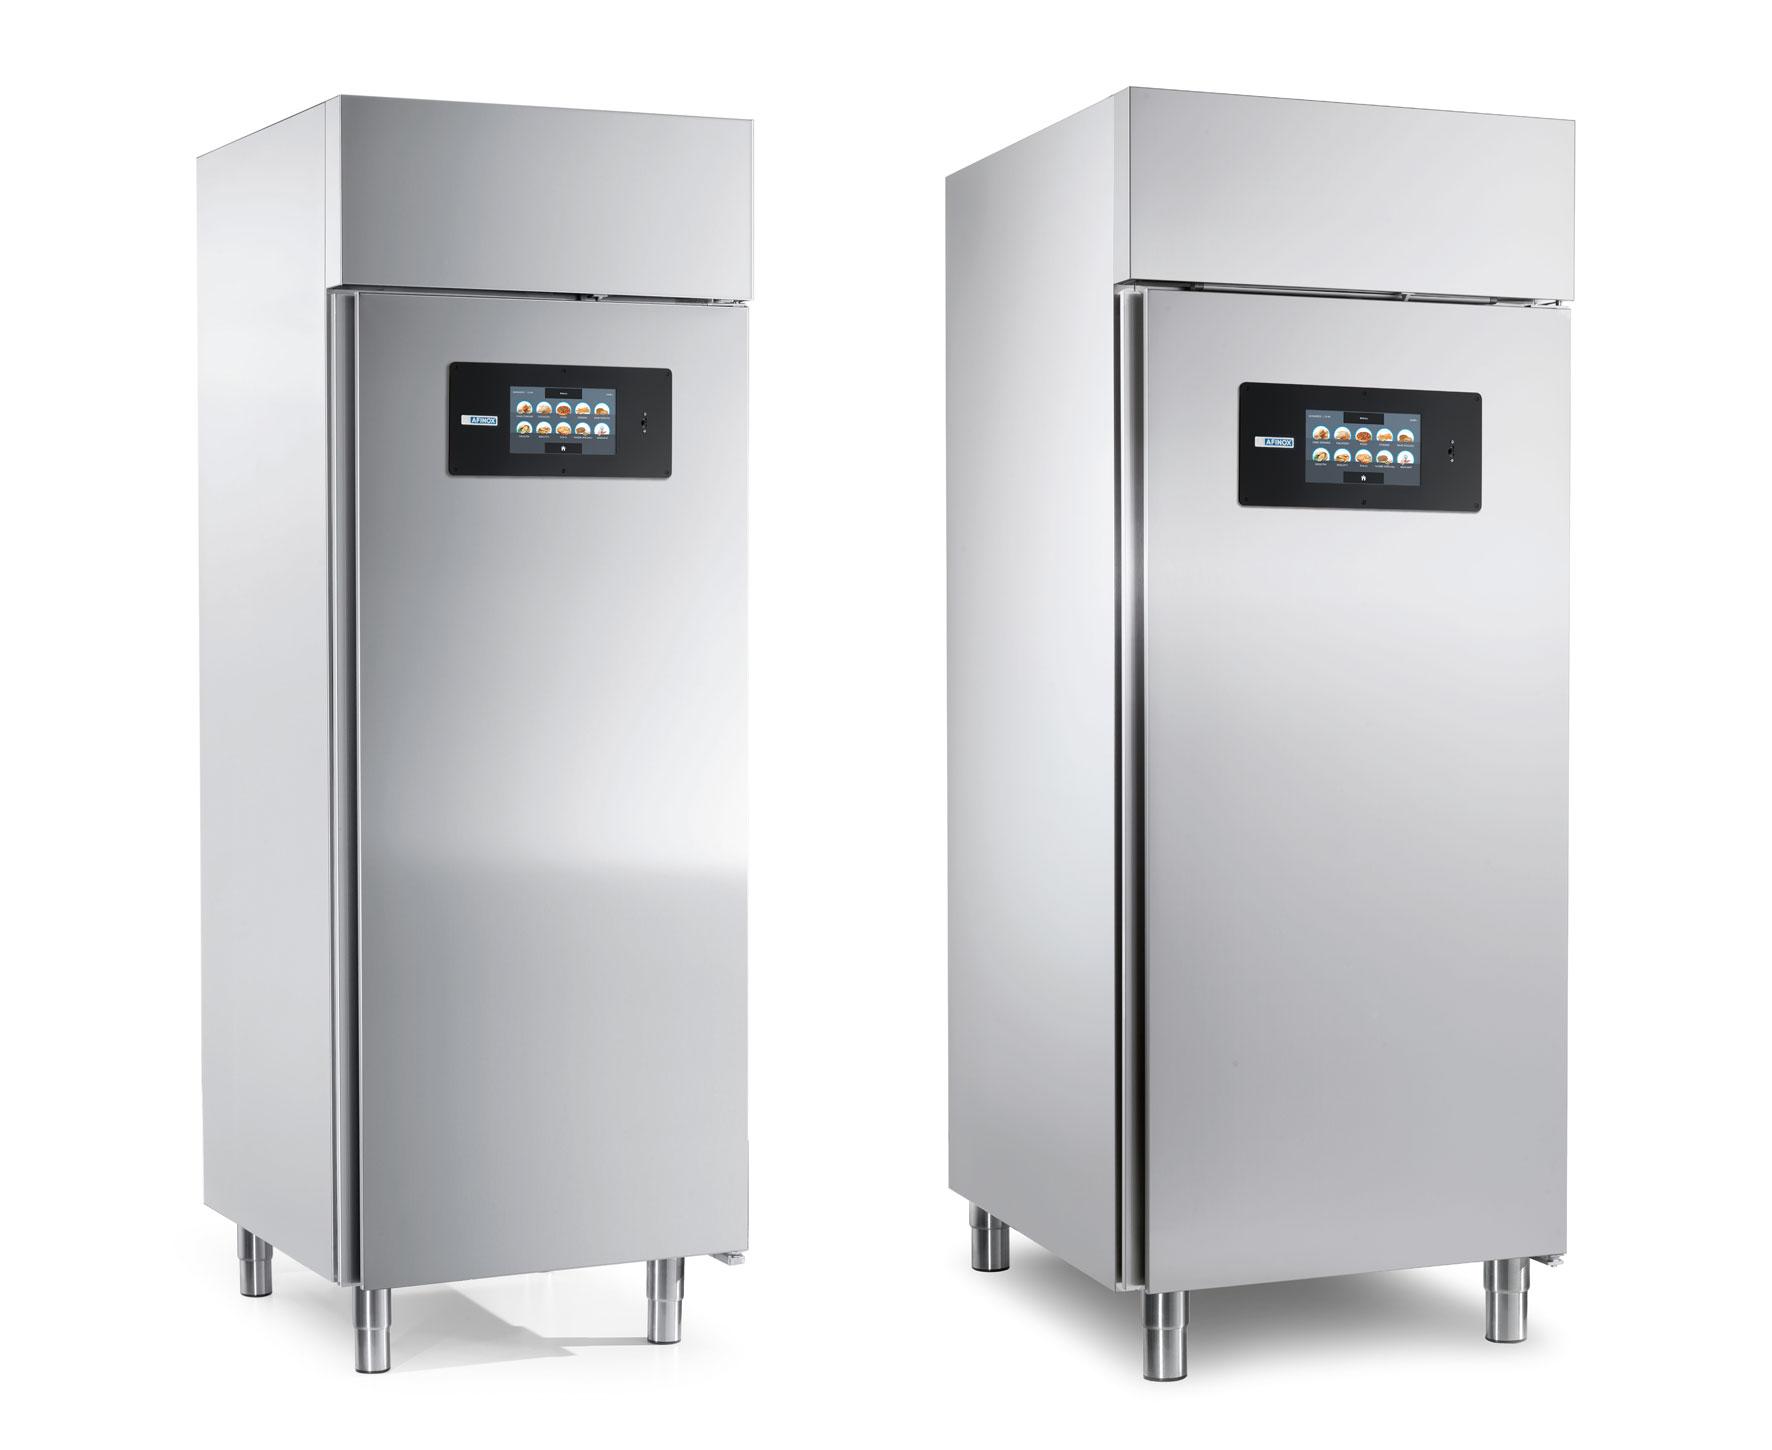 armadi refrigerati, refrigerated cabinets, armarios refrigerados, Kühlschränke, Armoires réfrigérées